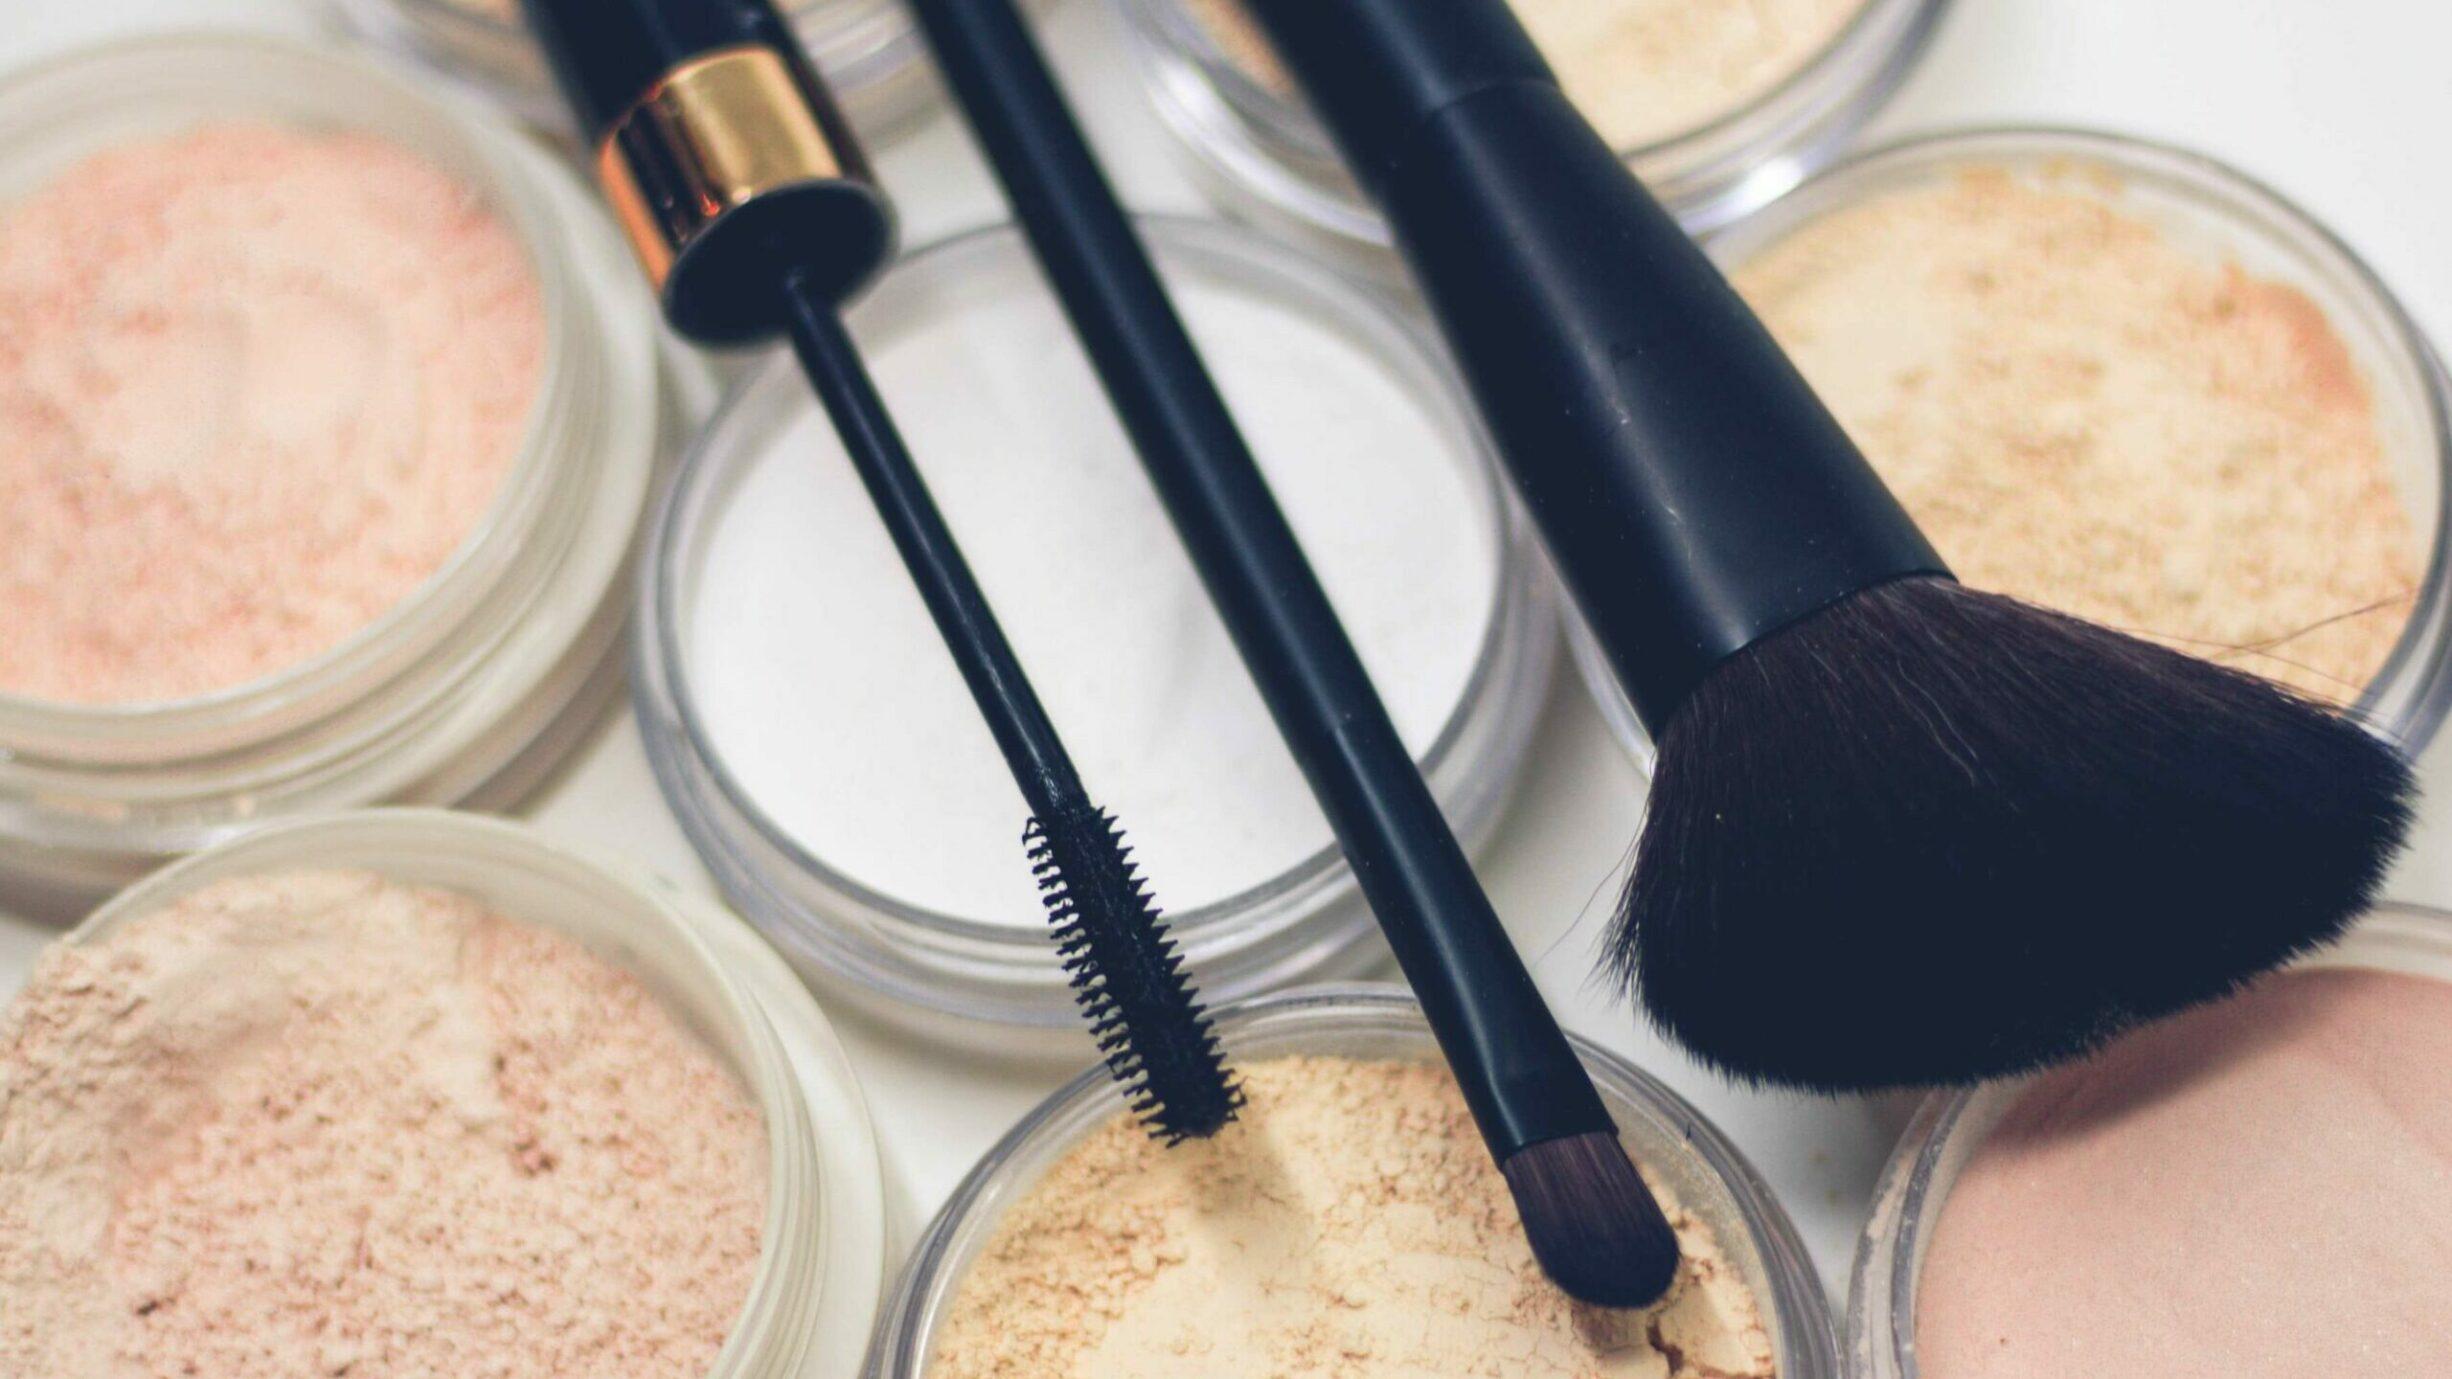 three make up brushes, cosmetics